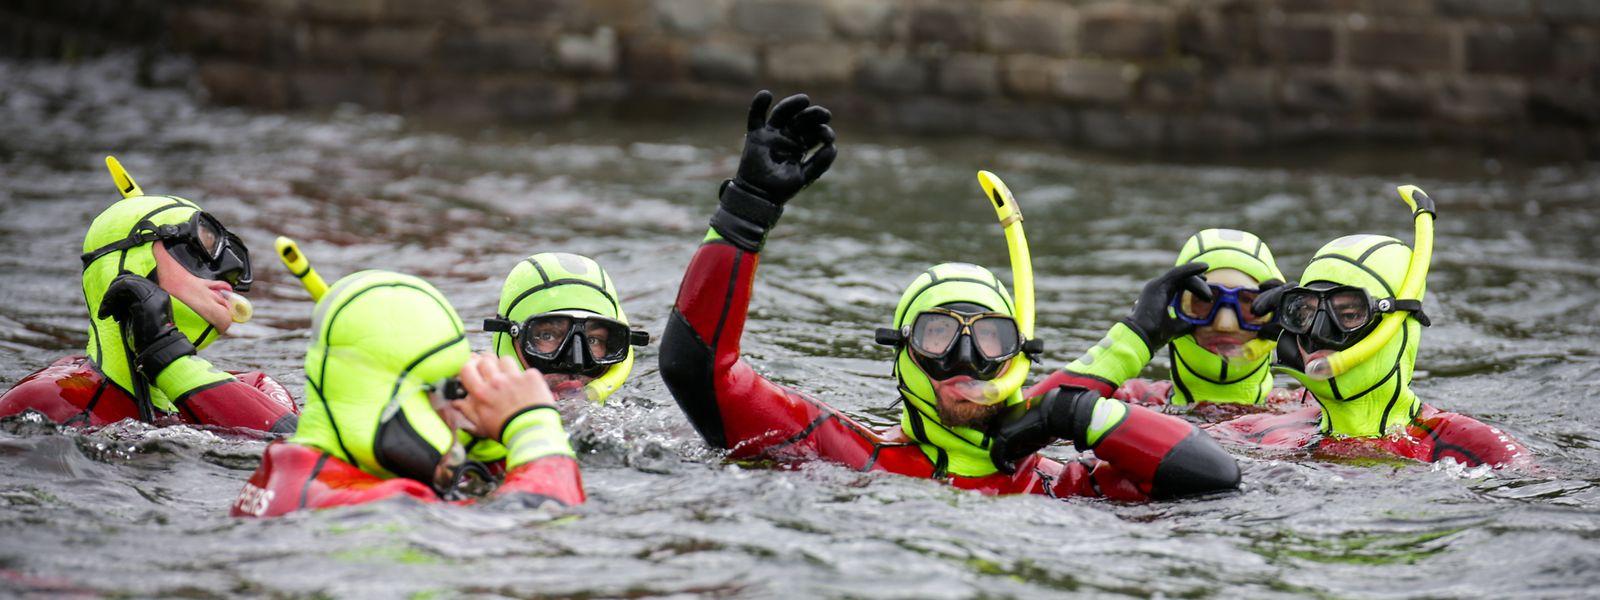 Im Wasser sind die Rettungsschwimmer in ihrem Element.